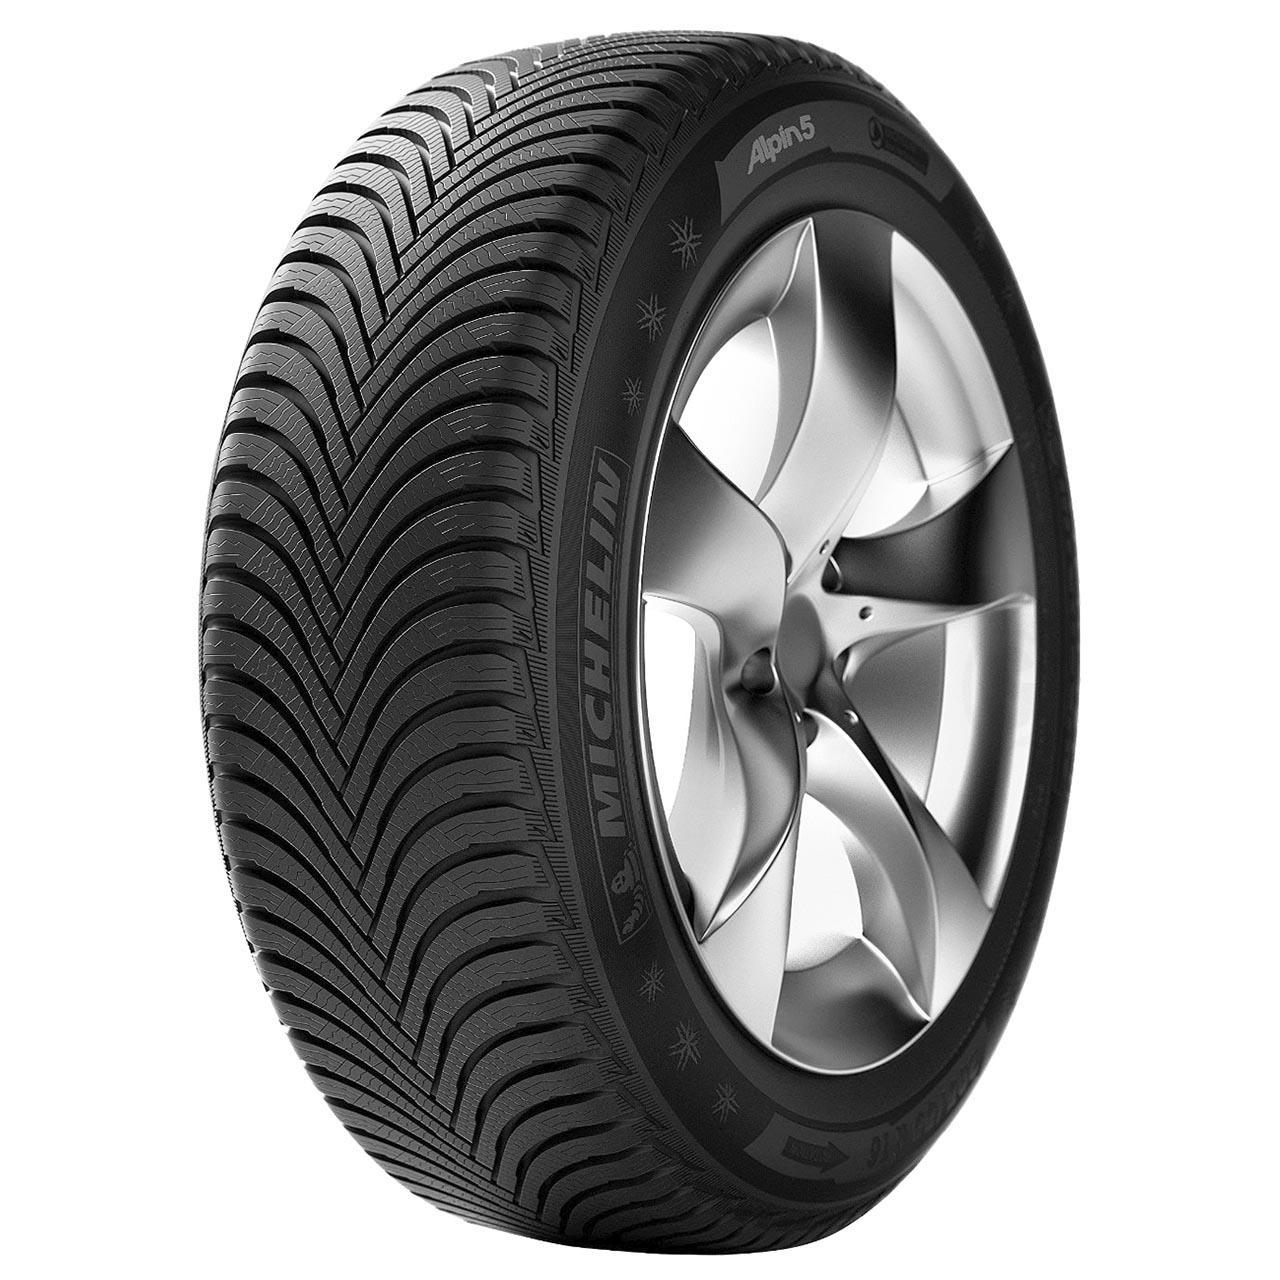 Michelin Pilot Alpin 5 235/55R17 103V XL